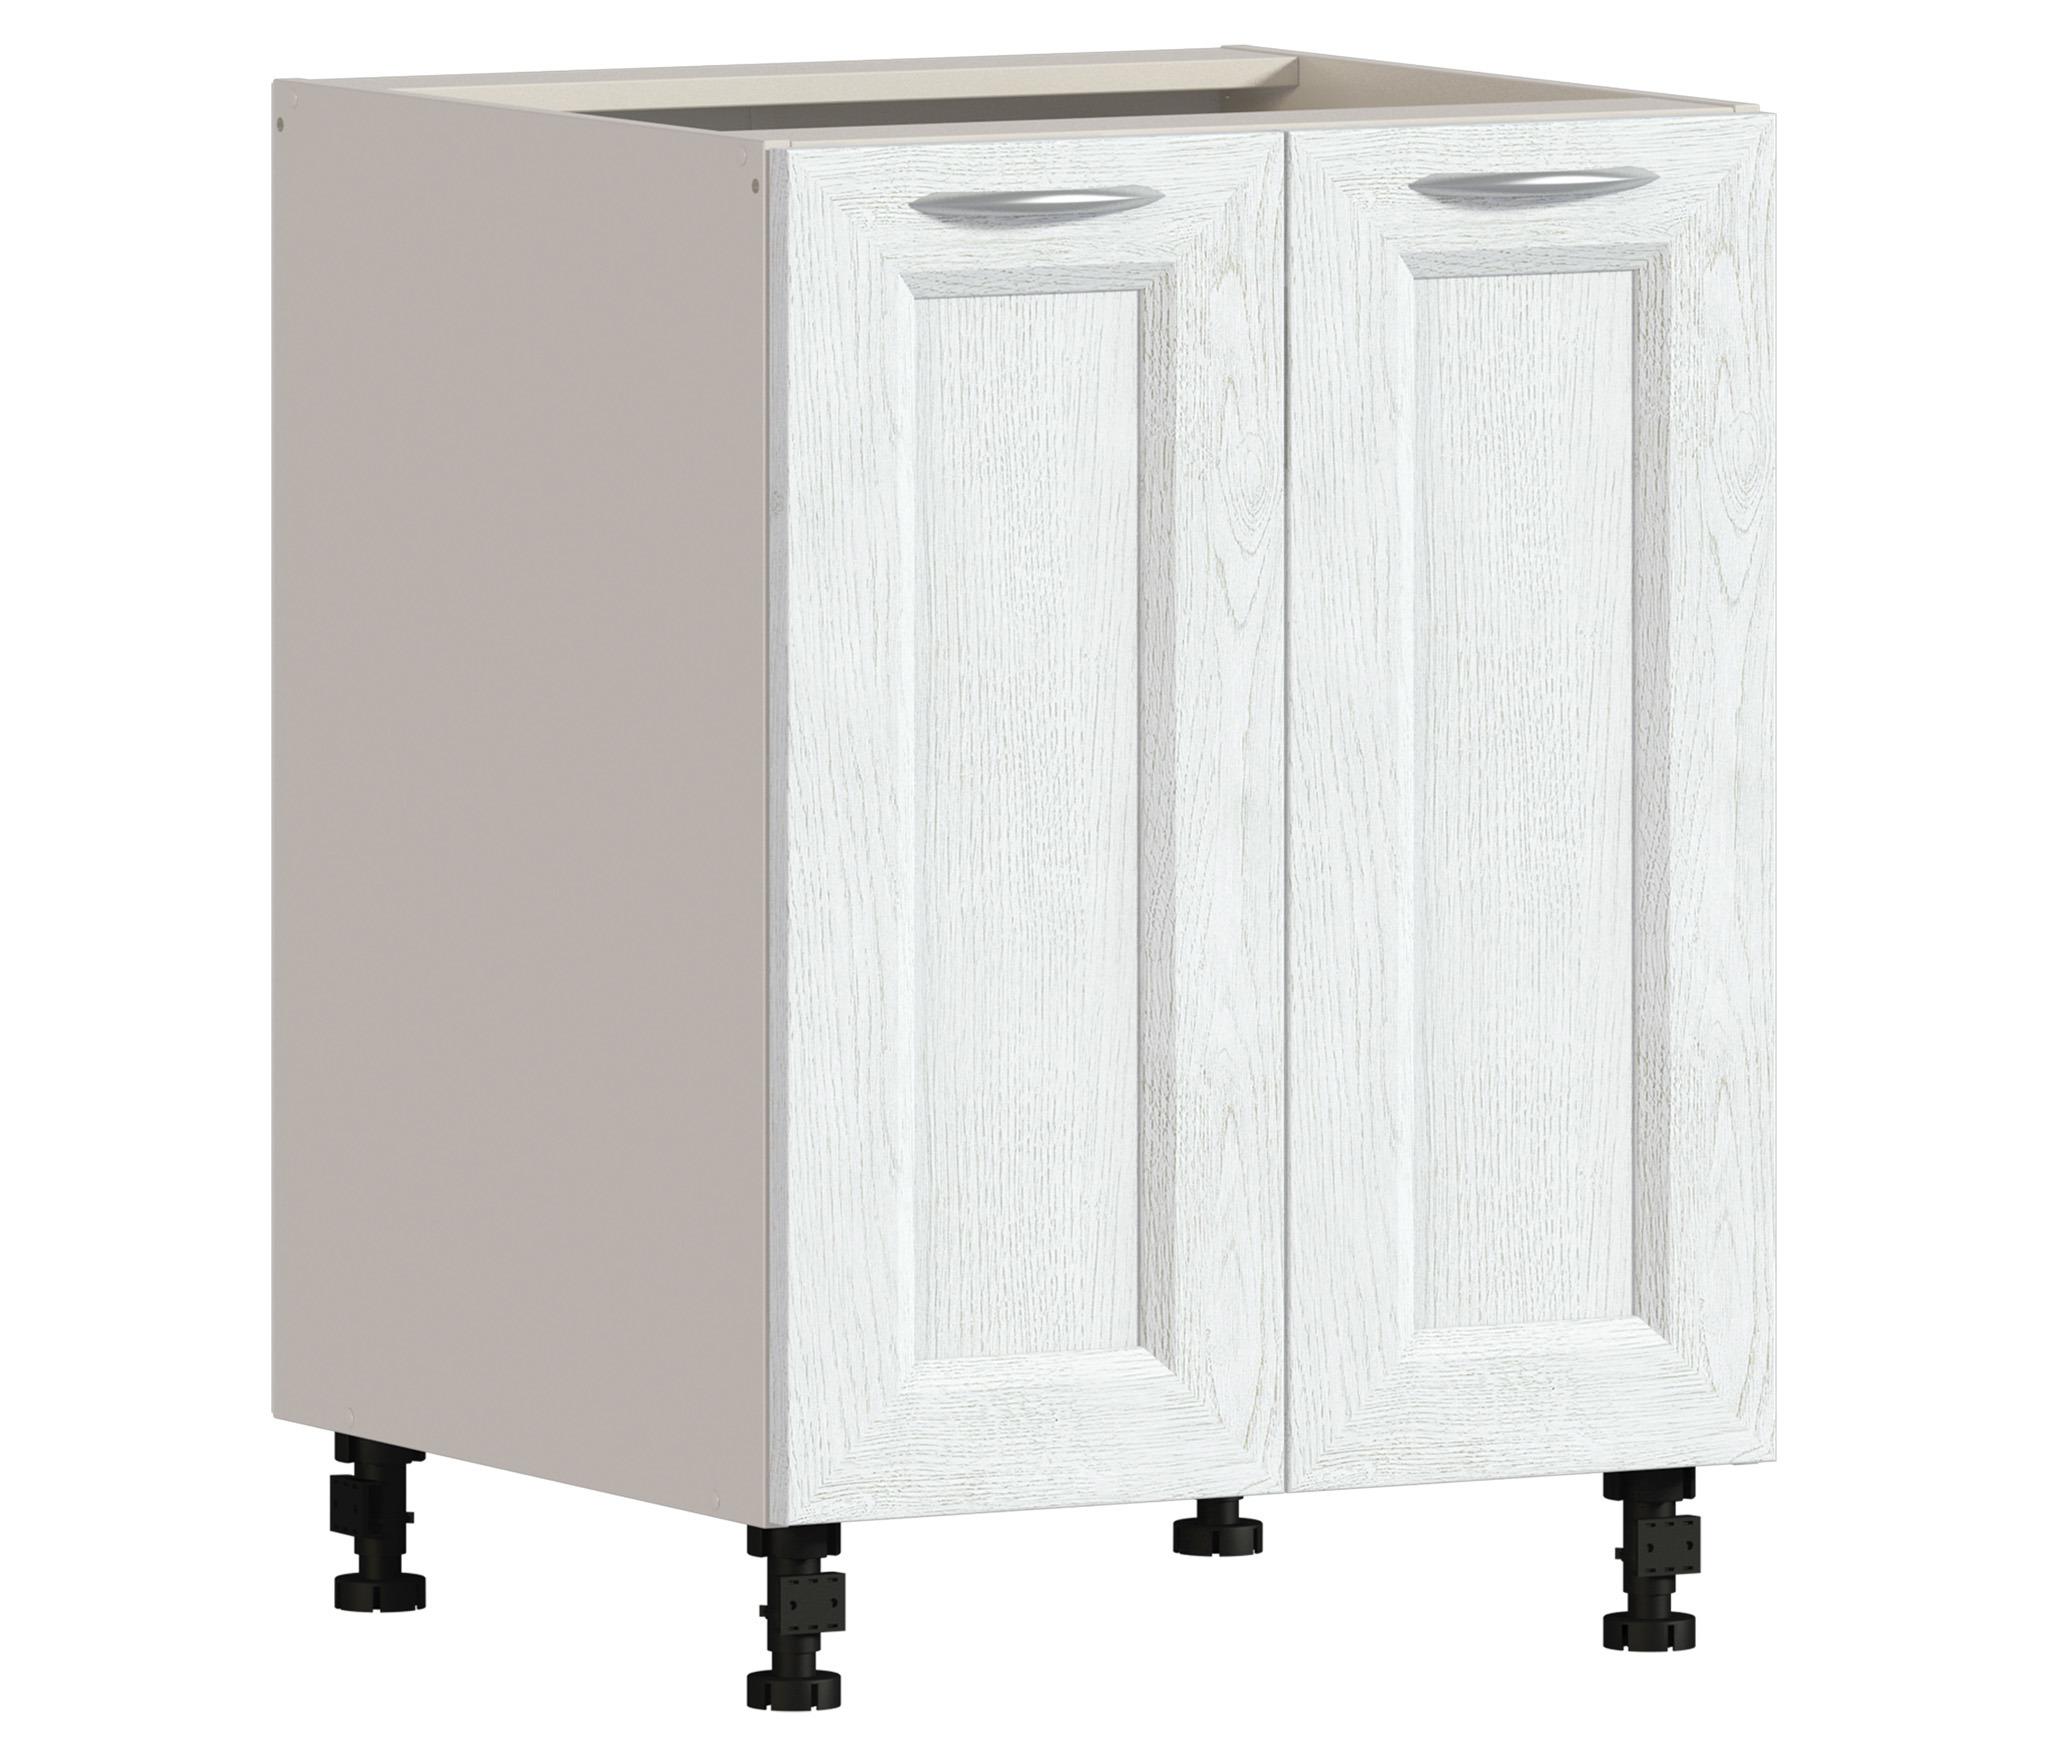 Регина РС-60 стол с 2-мя фасадамиГарнитуры<br>Стол с двумя фасадами Регина РС-60 имеет ширину 600 мм и станет вместительным хранилищем для кухонной утвари. Дополнительно рекомендуем приобрести столешницу.<br><br>Длина мм: 600<br>Высота мм: 820<br>Глубина мм: 563